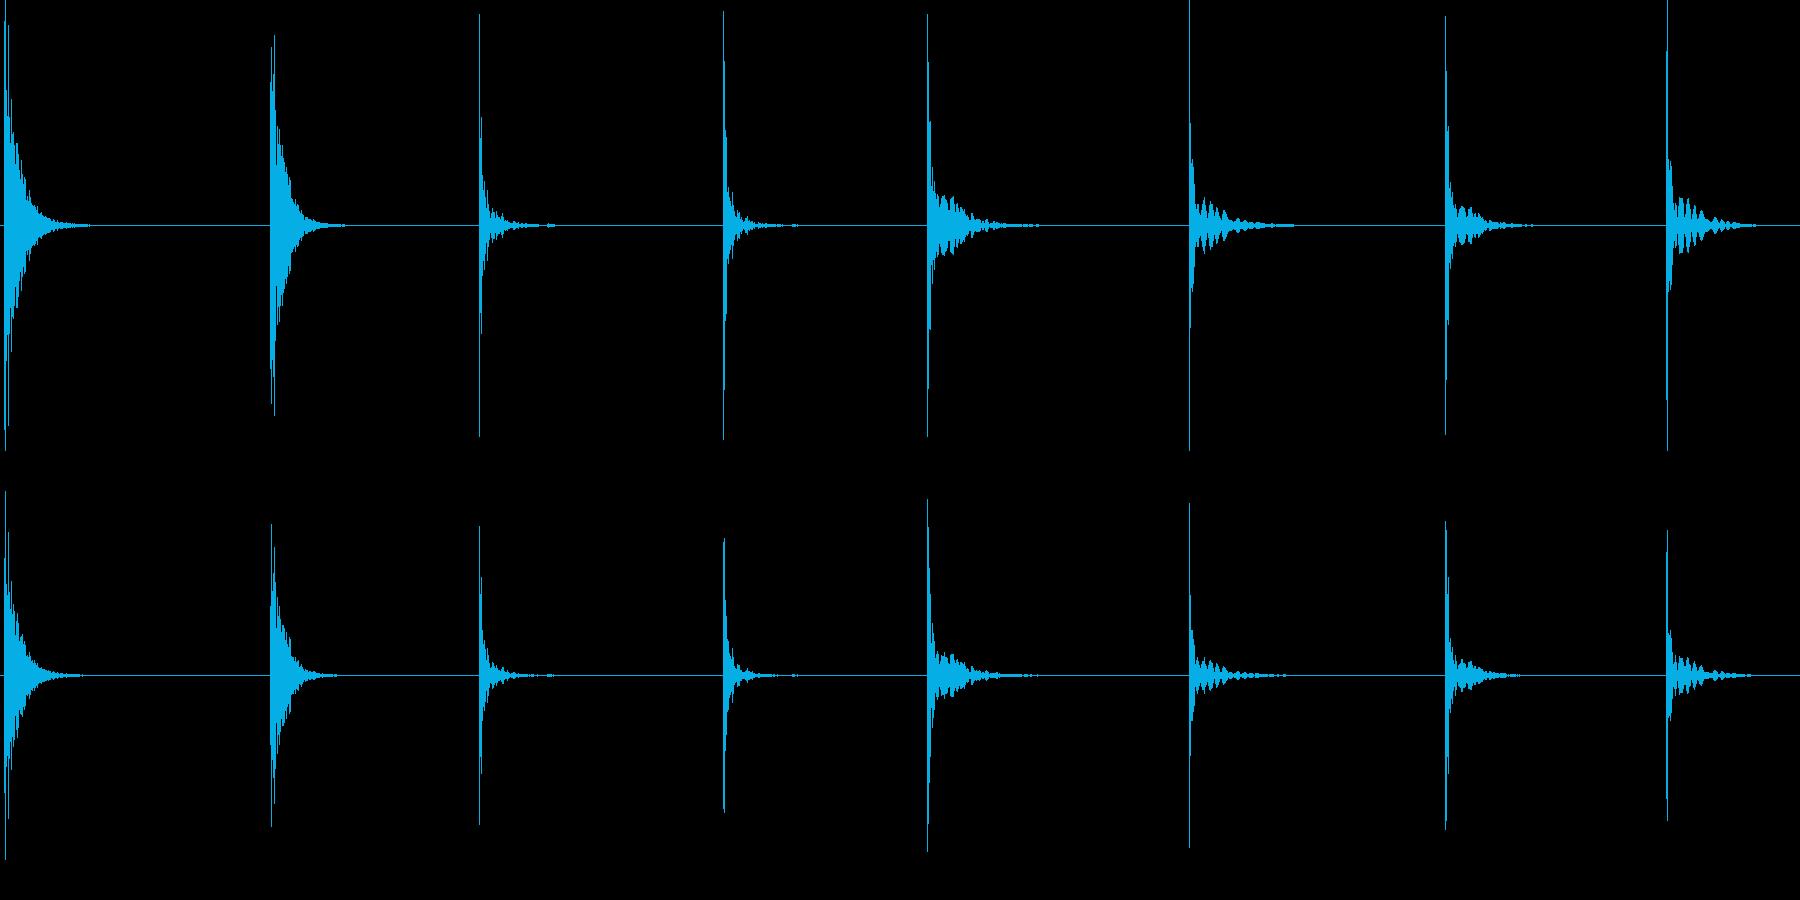 メタル、インパクト、ヒット、ダーク...の再生済みの波形